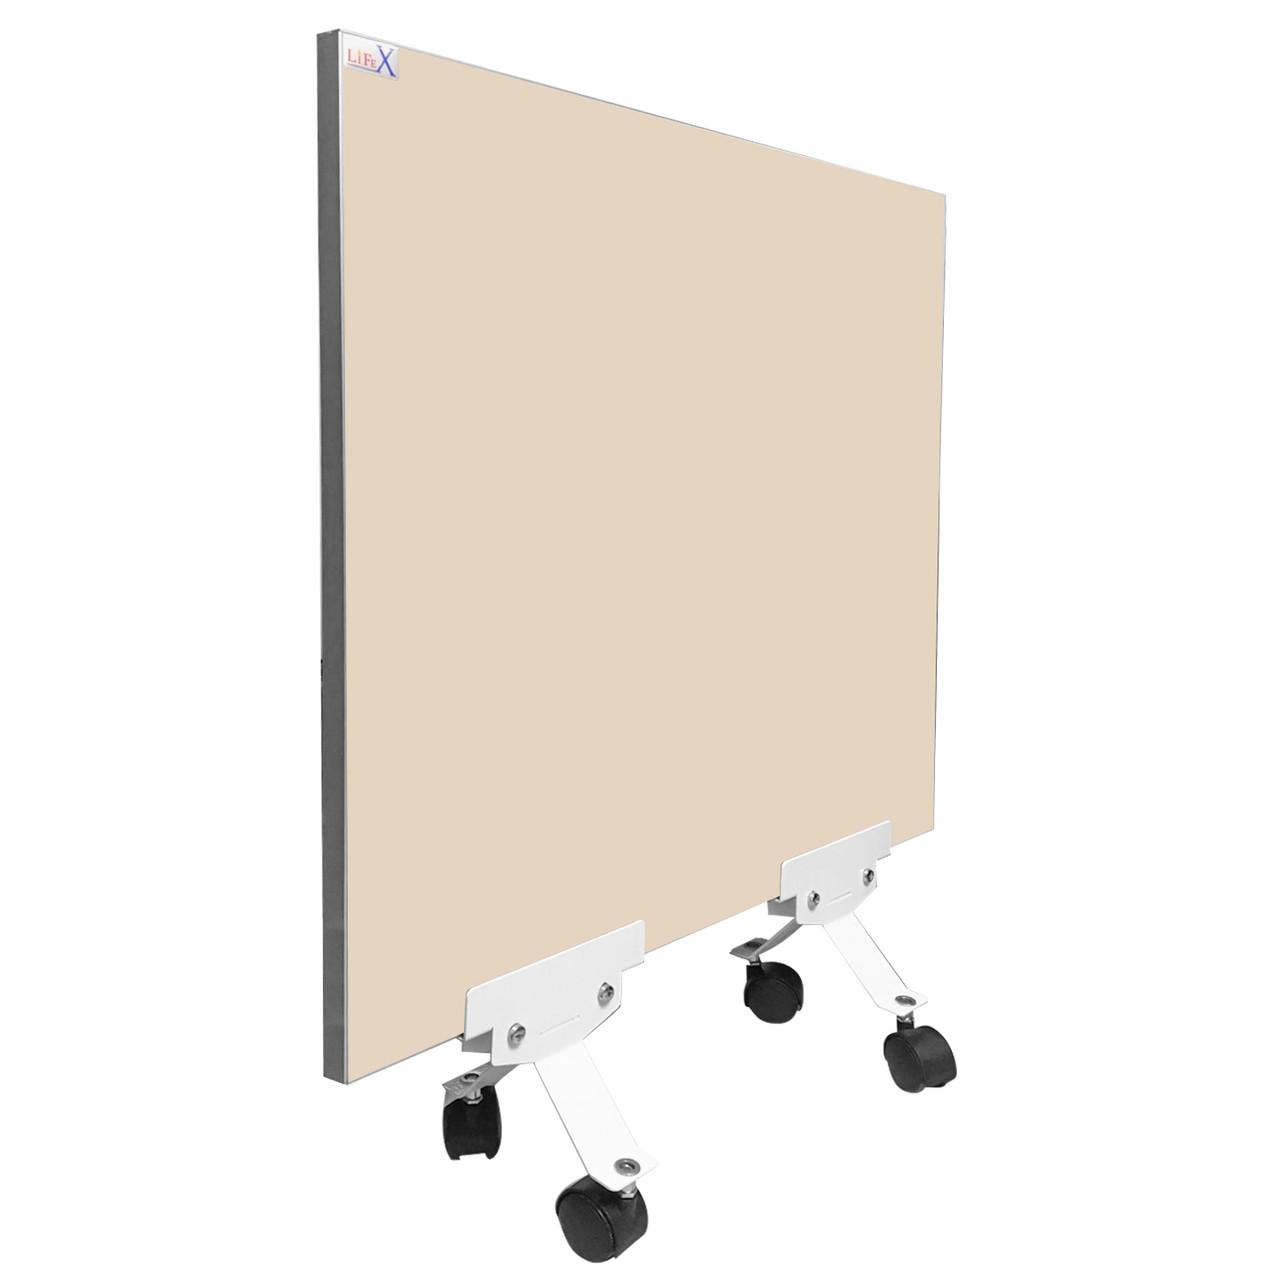 Напольная керамическая панель LIFEX Slim 400 (бежевая)